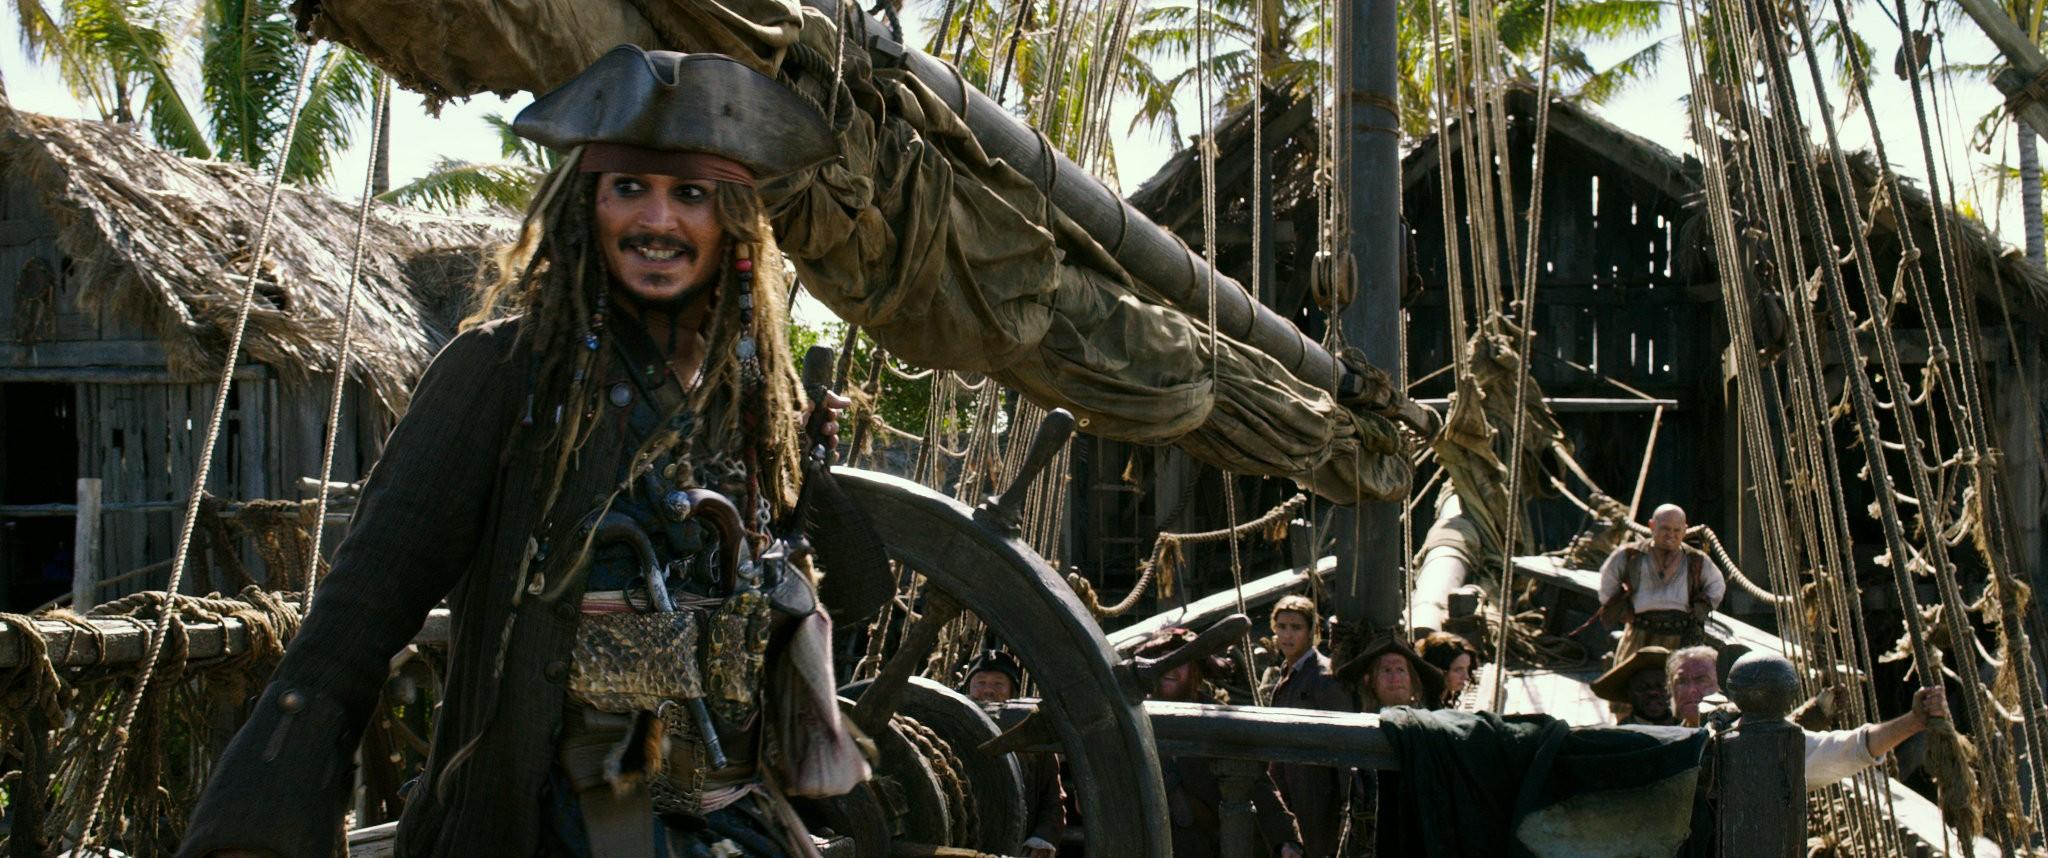 Johnny Depp em Piratas do Caribe: A Vingança de Salazar (Foto: Divulgação)